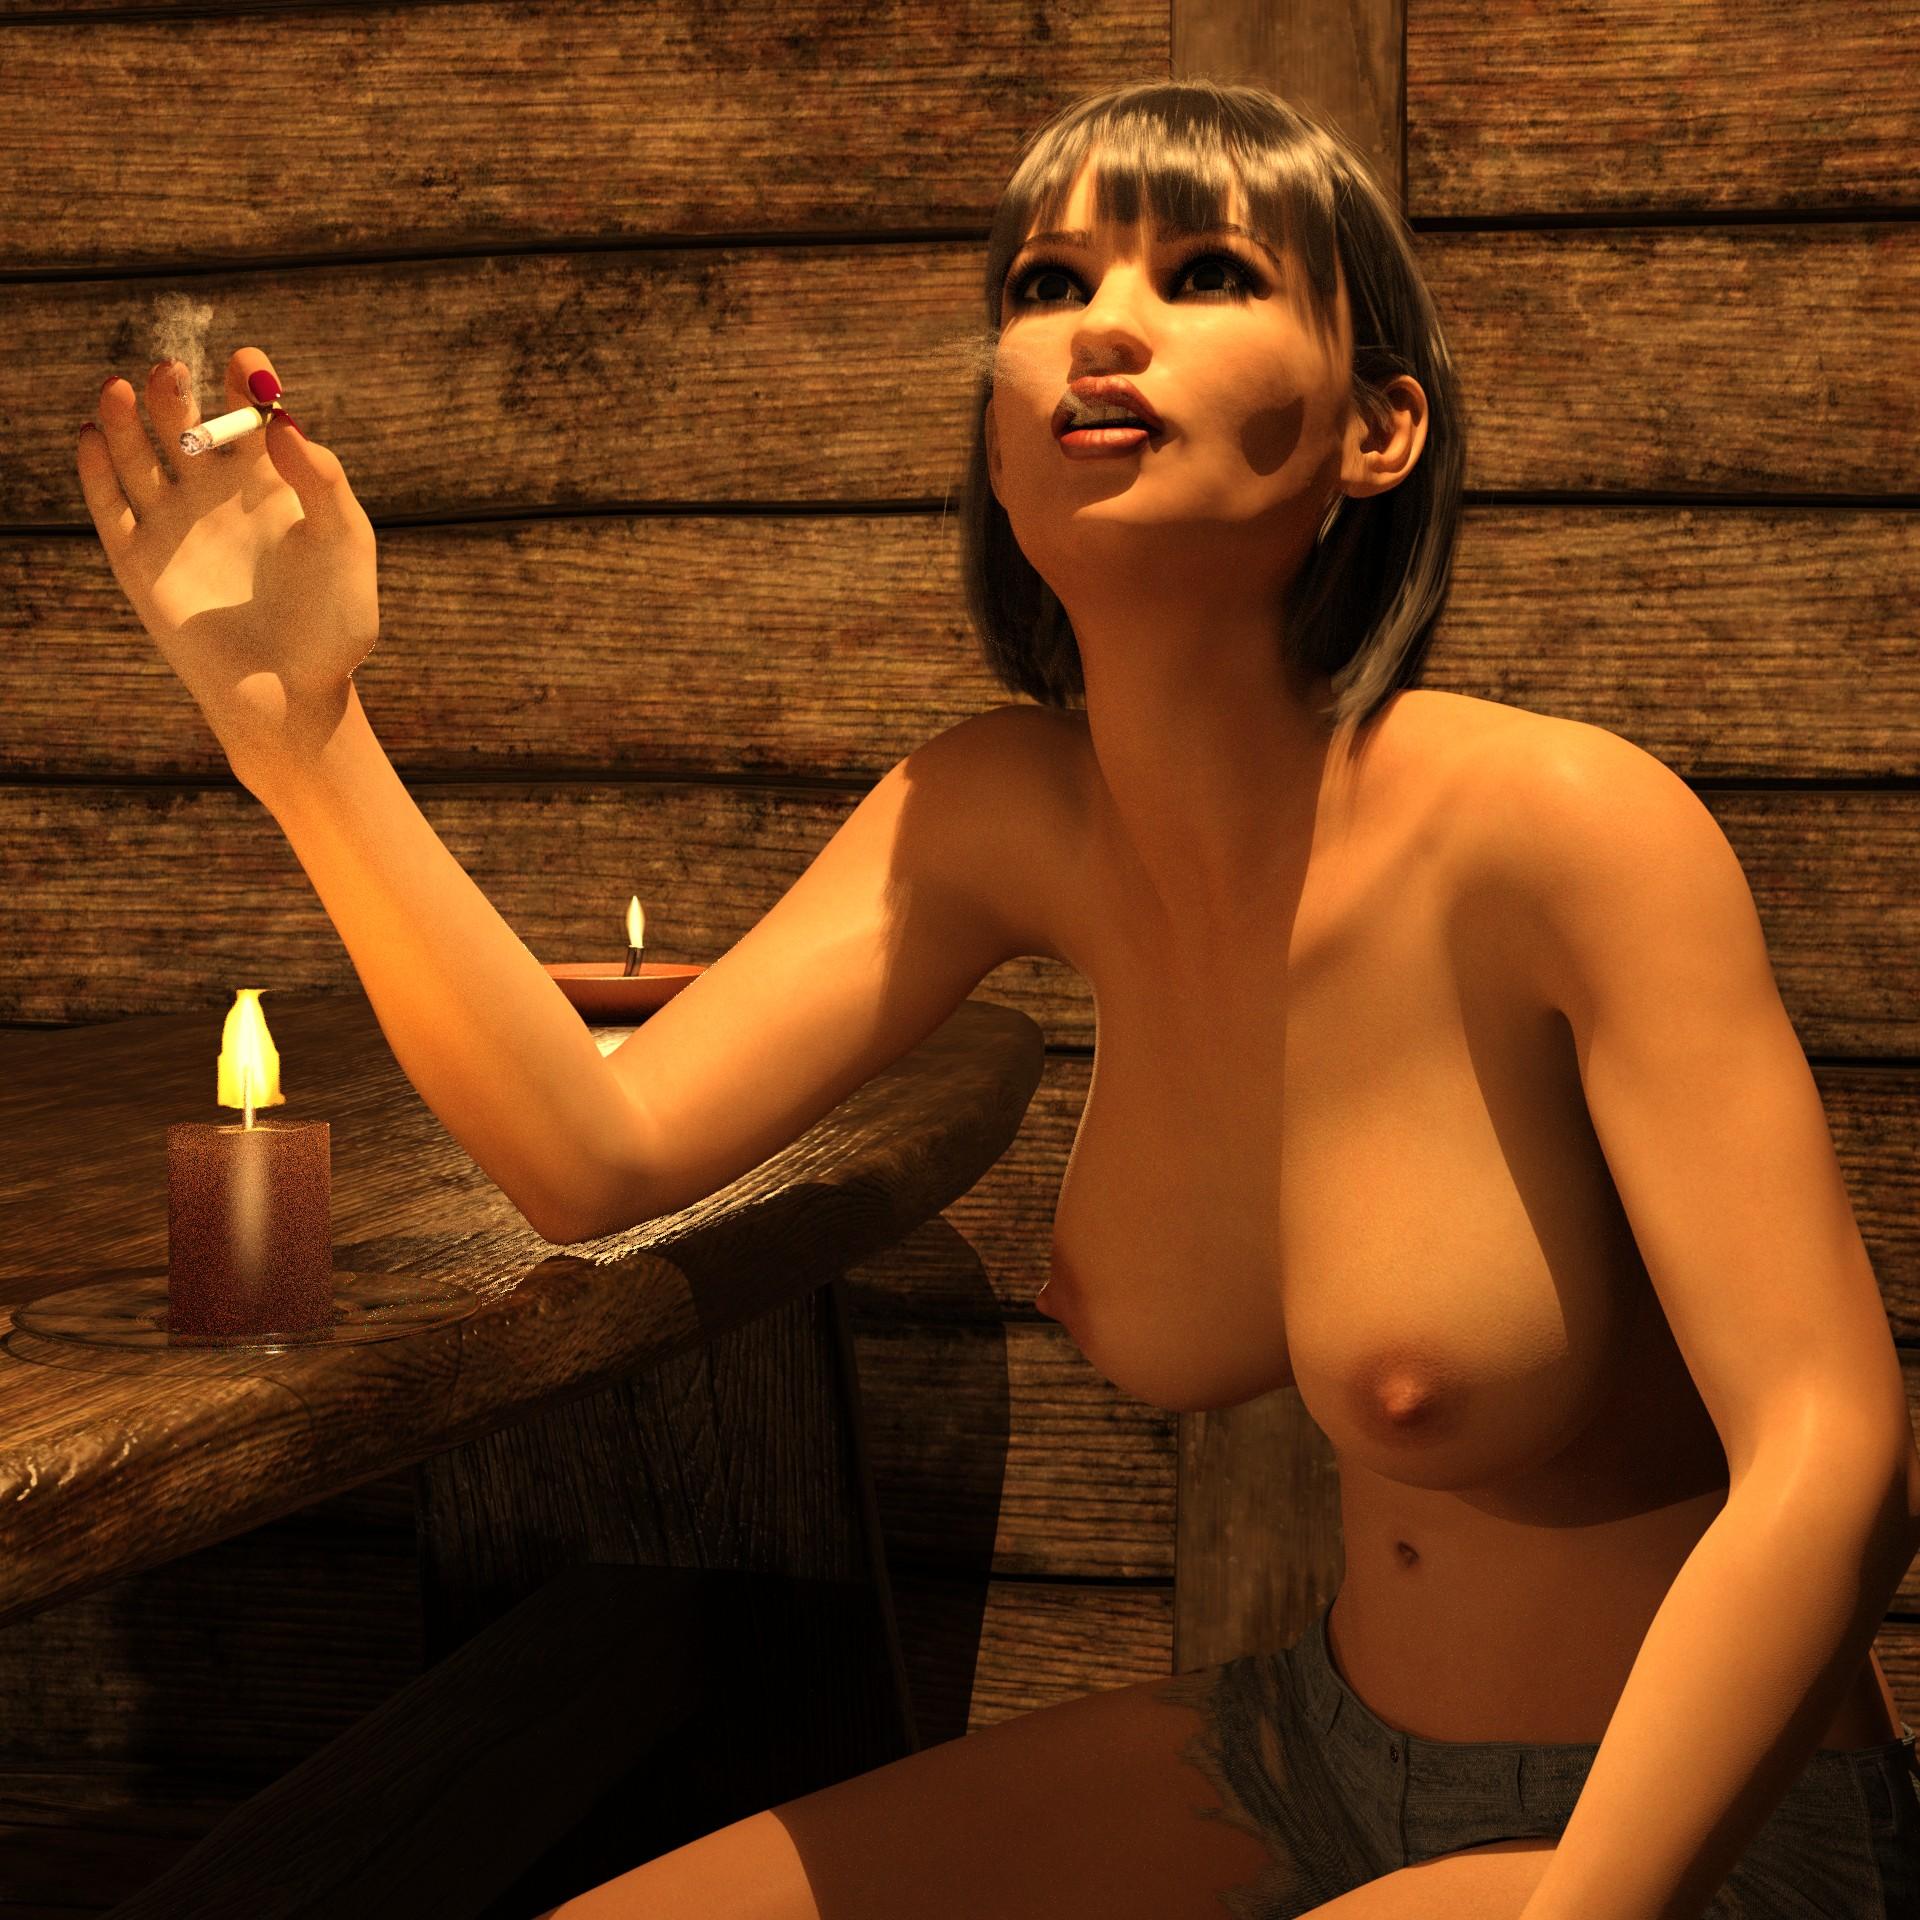 Дамочка с огоньком